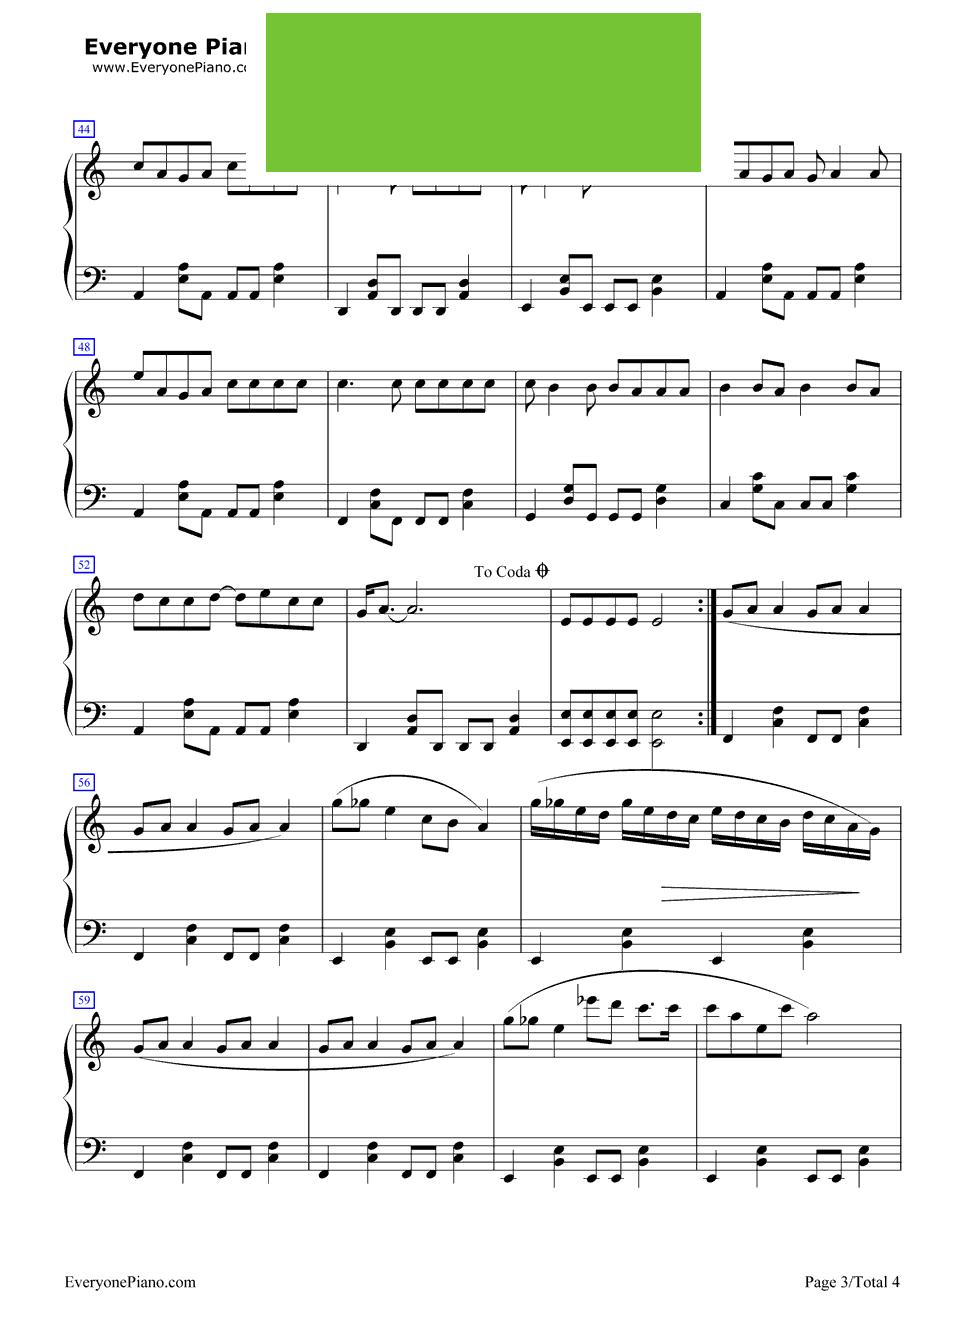 卡农钢琴曲谱简图